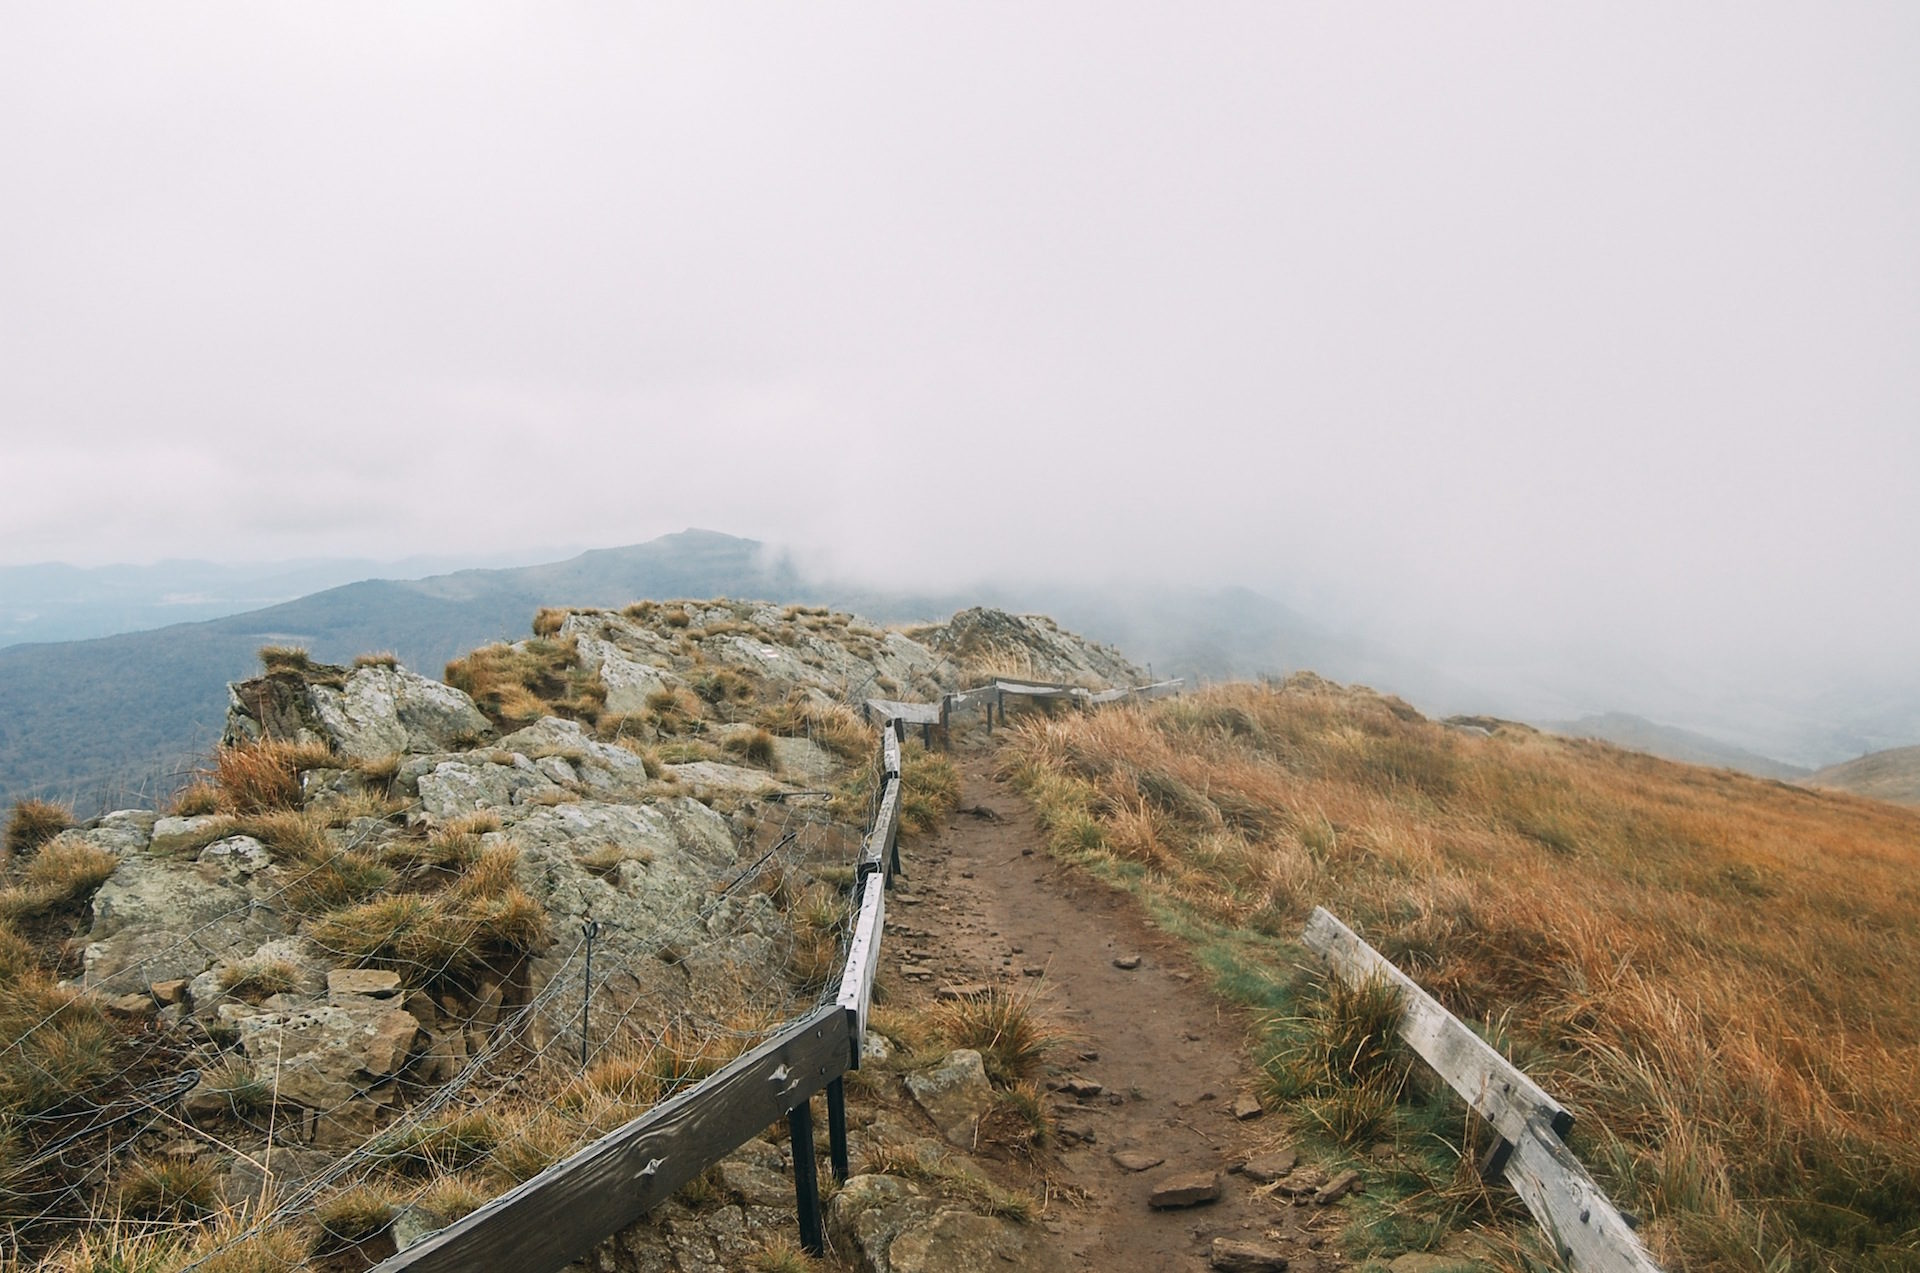 Δρόμου, πεδίο, Βουνό, ομίχλη, έχασε - Wallpapers HD - Professor-falken.com